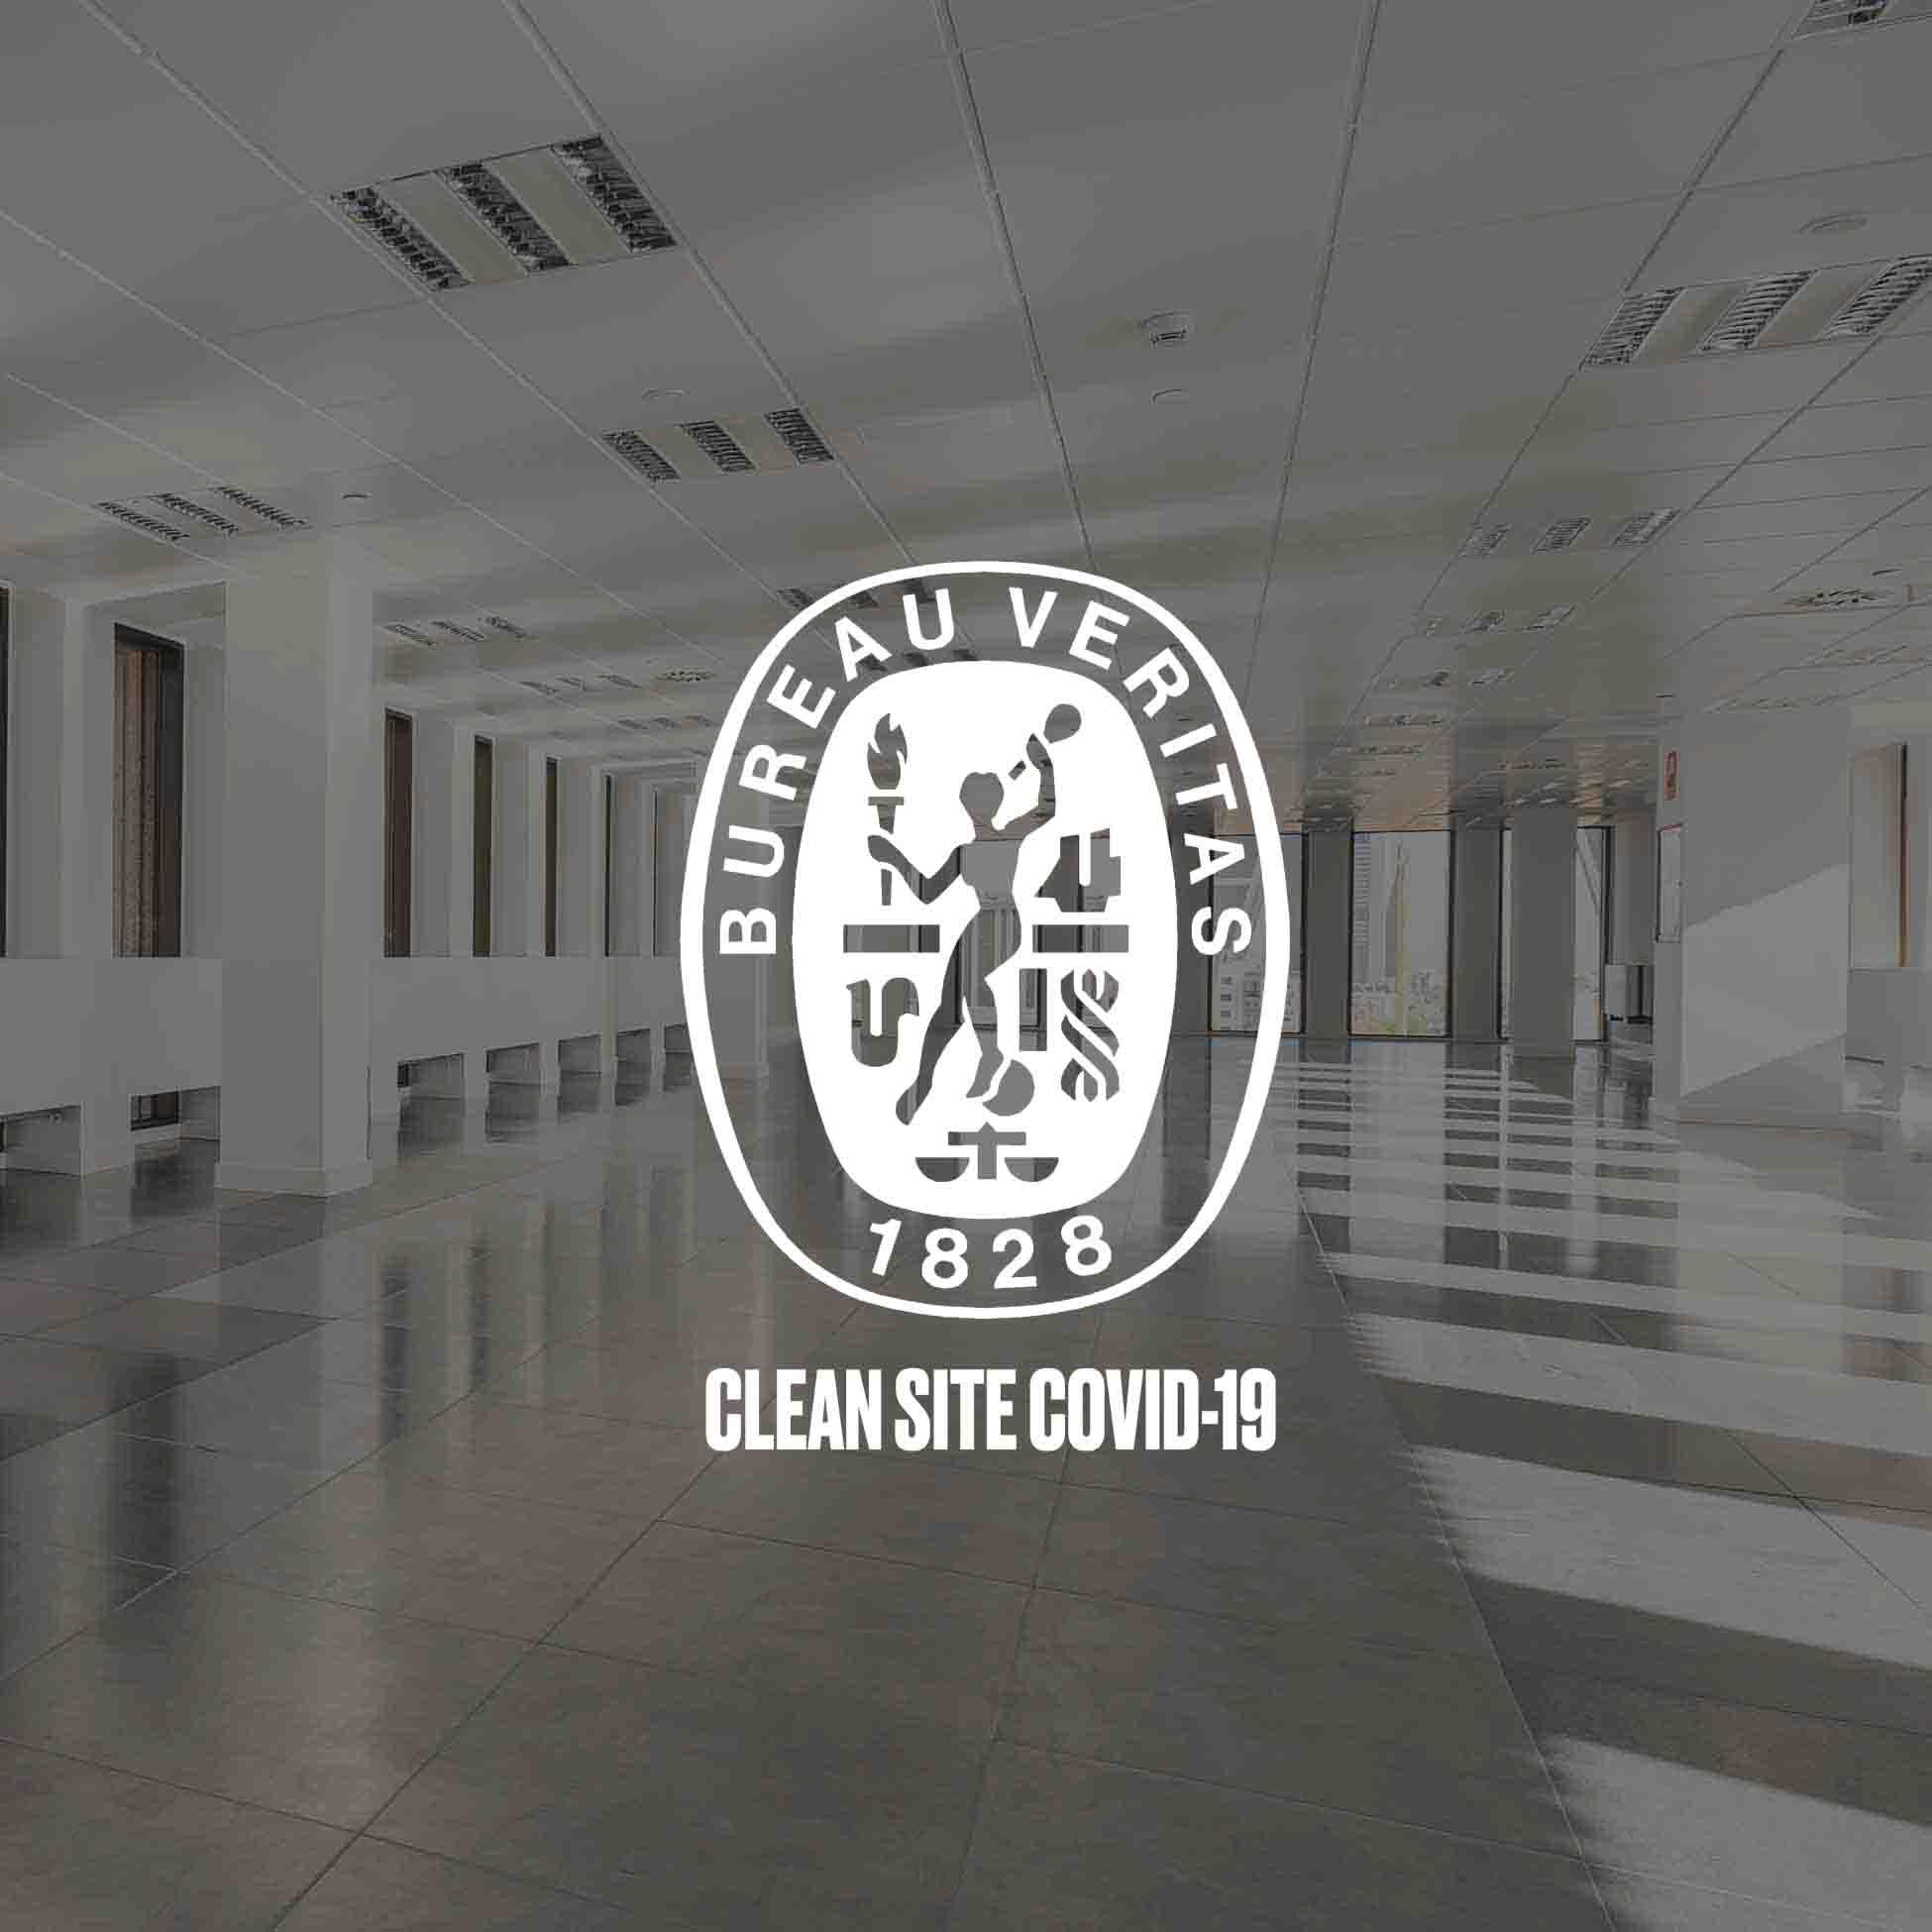 Edificio Cuzco IV obtiene la certificación Clean Site de Bureau Veritas por sus medidas anti-COVID-19